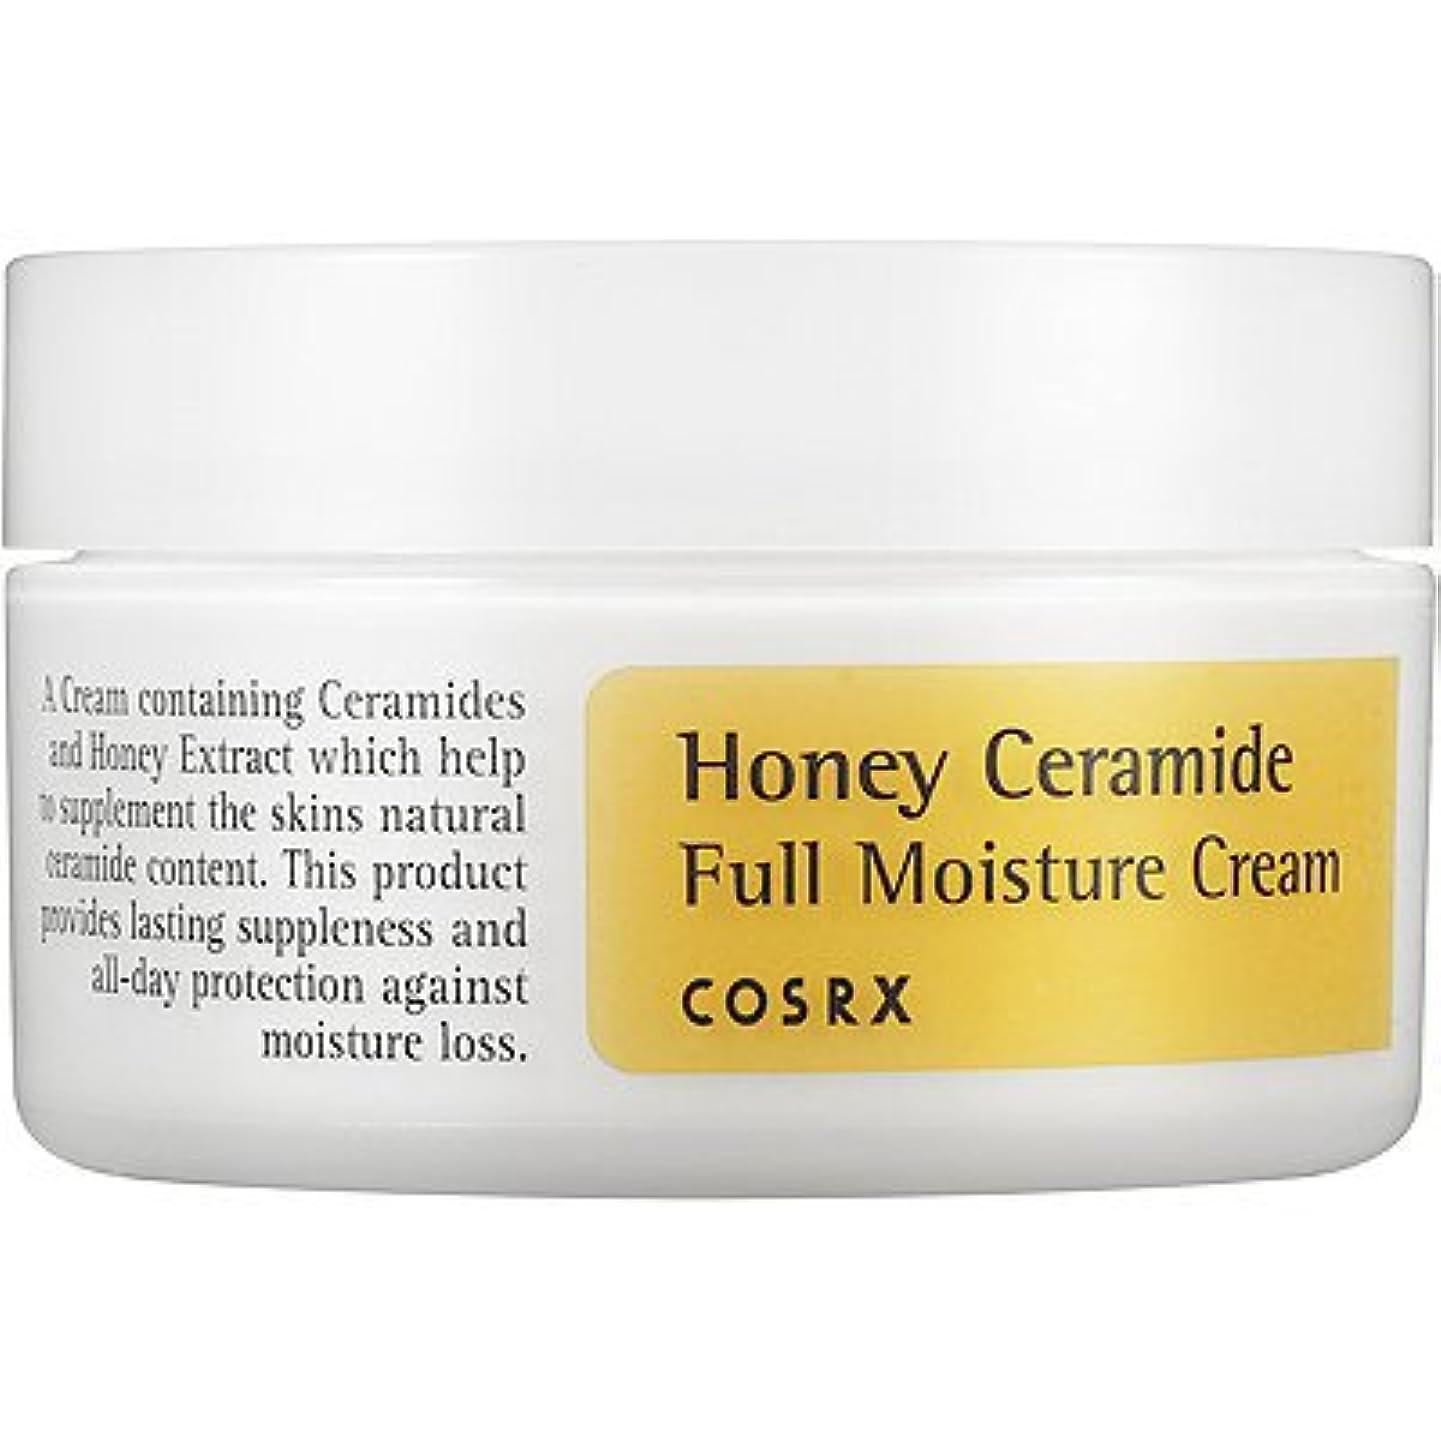 打倒酸キャンペーンCOSRX Honey Ceramide Full Moisture Cream 50g/ハニーセラミド フル モイスチャークリーム -50g [並行輸入品]